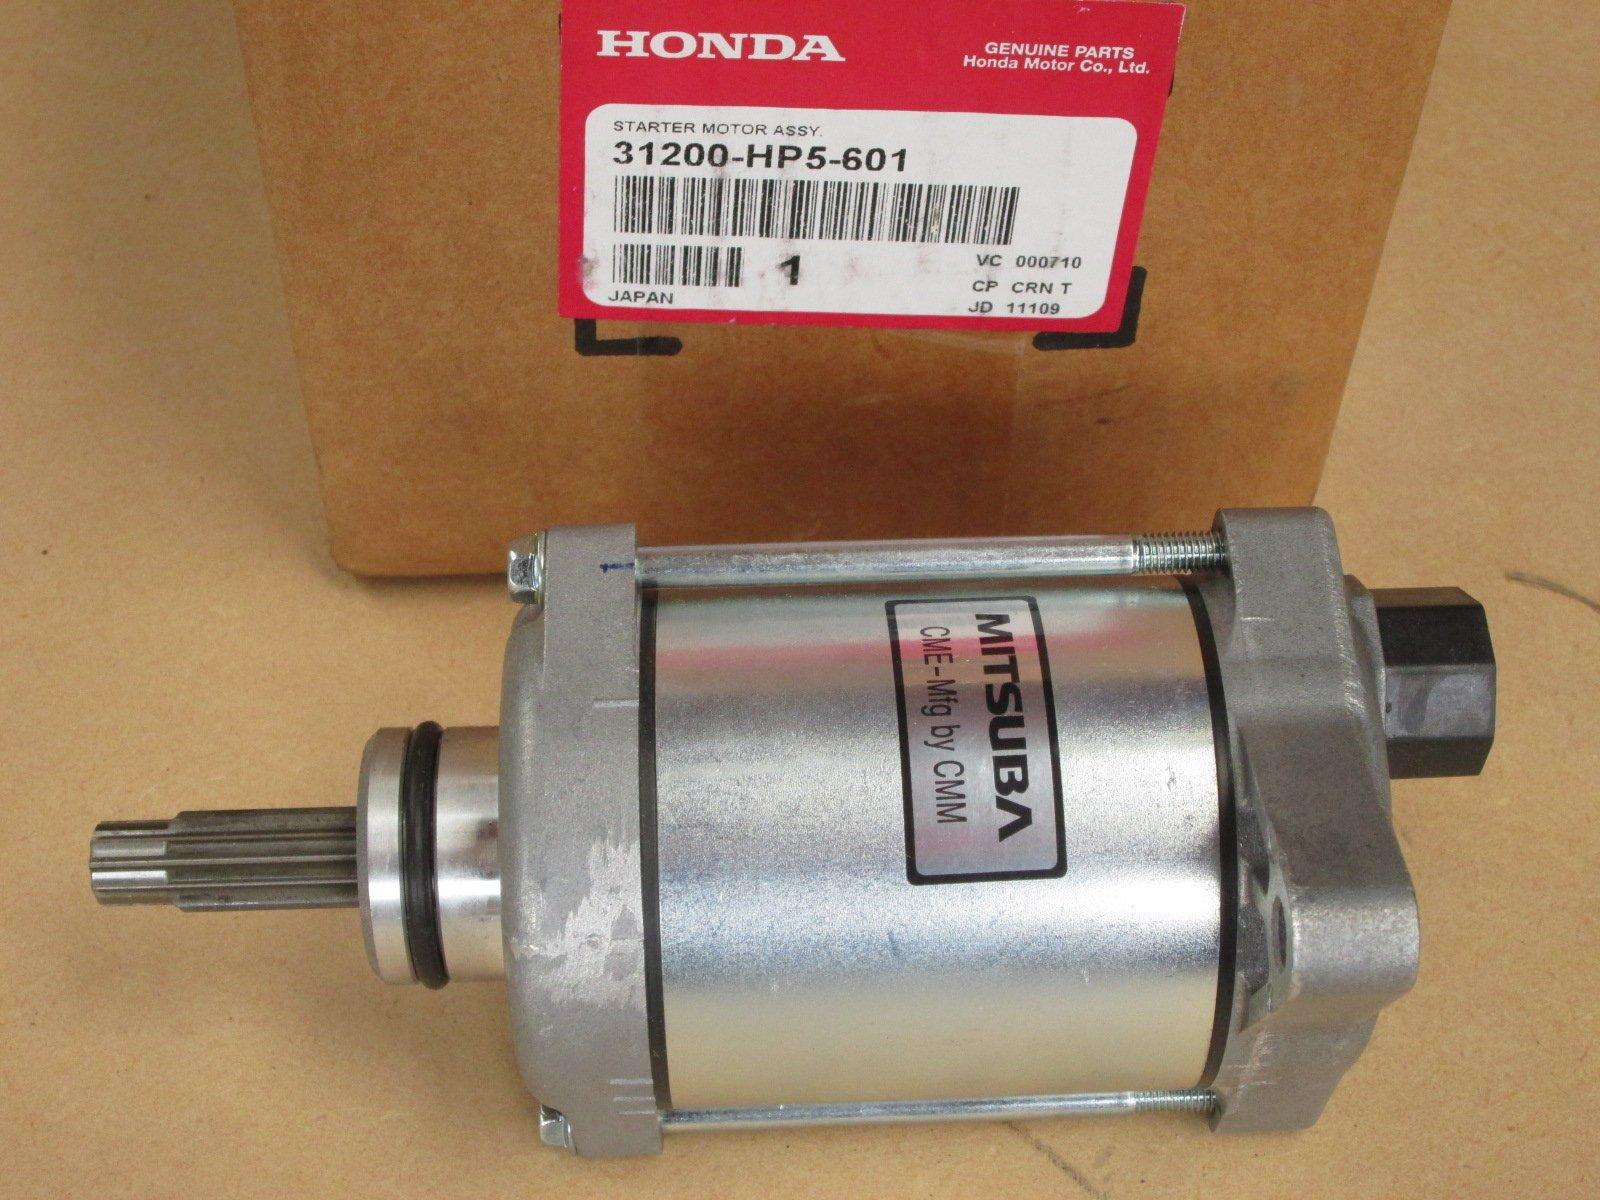 Genuine Honda 2007-2013Starter Motor31200-HP5-601